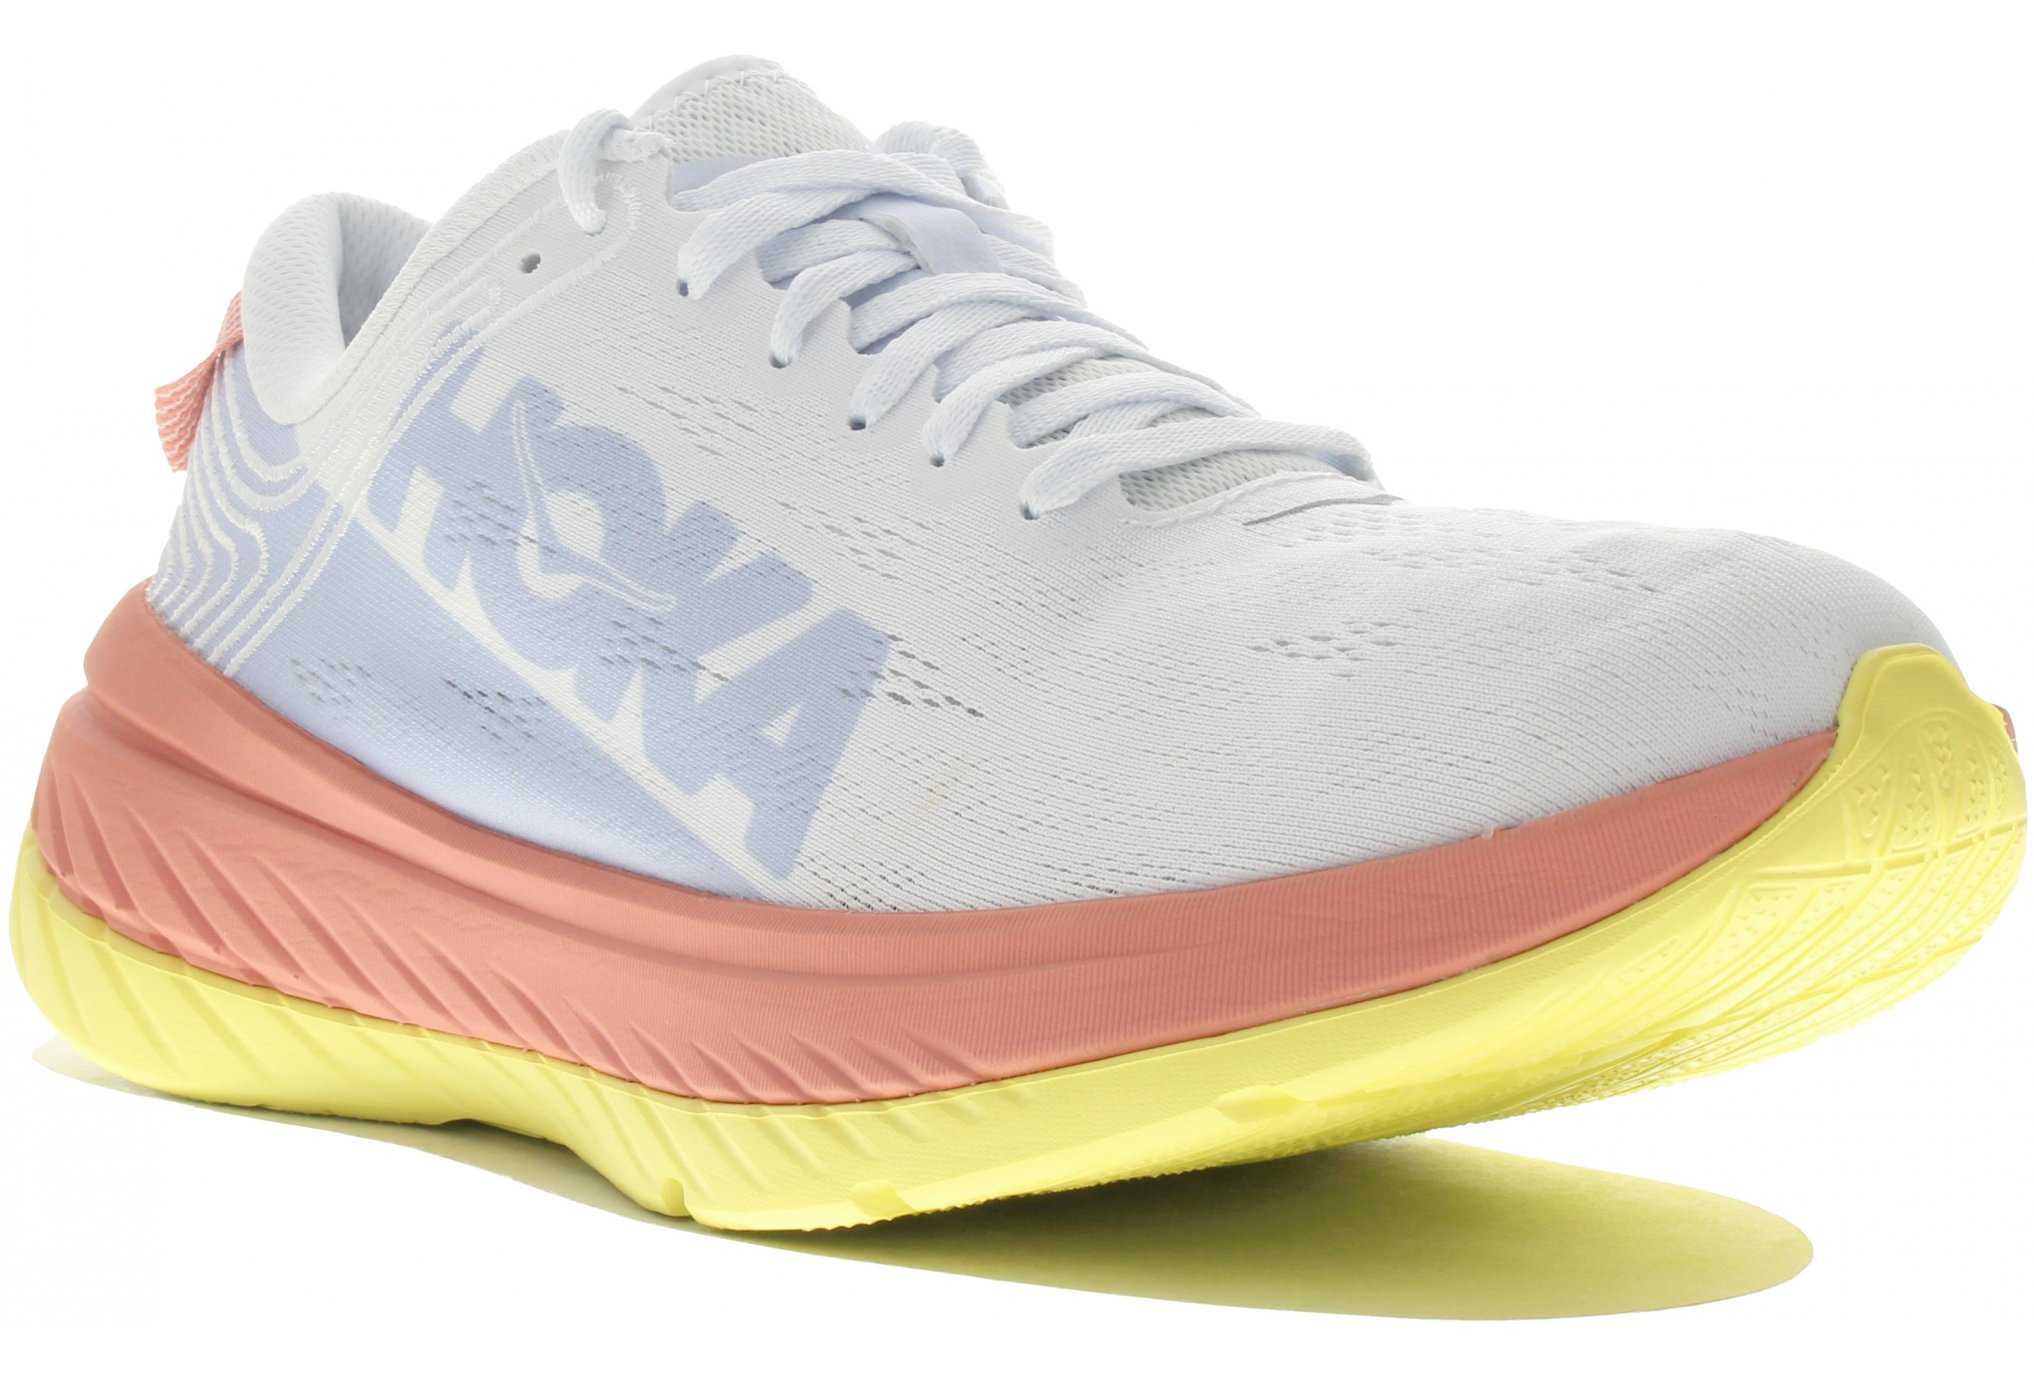 Hoka One One Carbon X W Diététique Chaussures femme